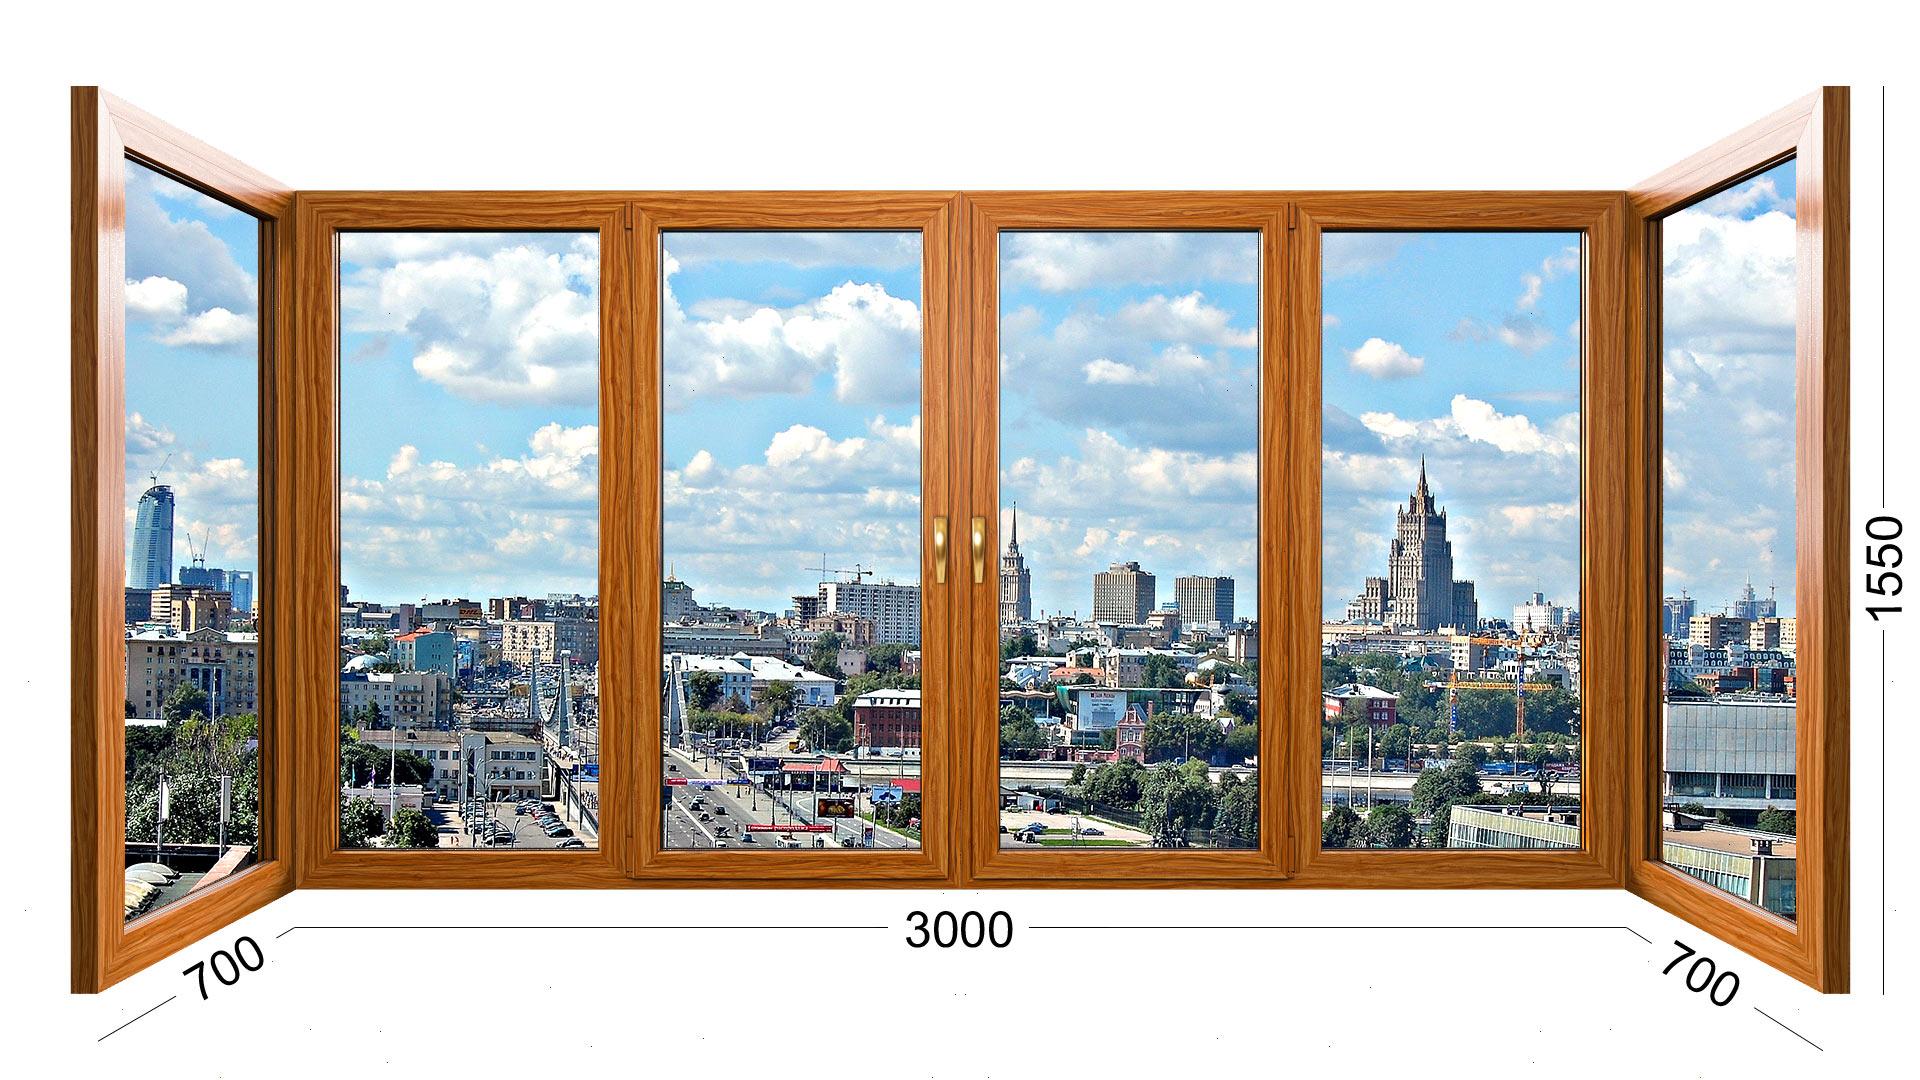 П образный балкон (лоджия) дома серии КоПЭ или КОПЕ. Деревянные окна и рама